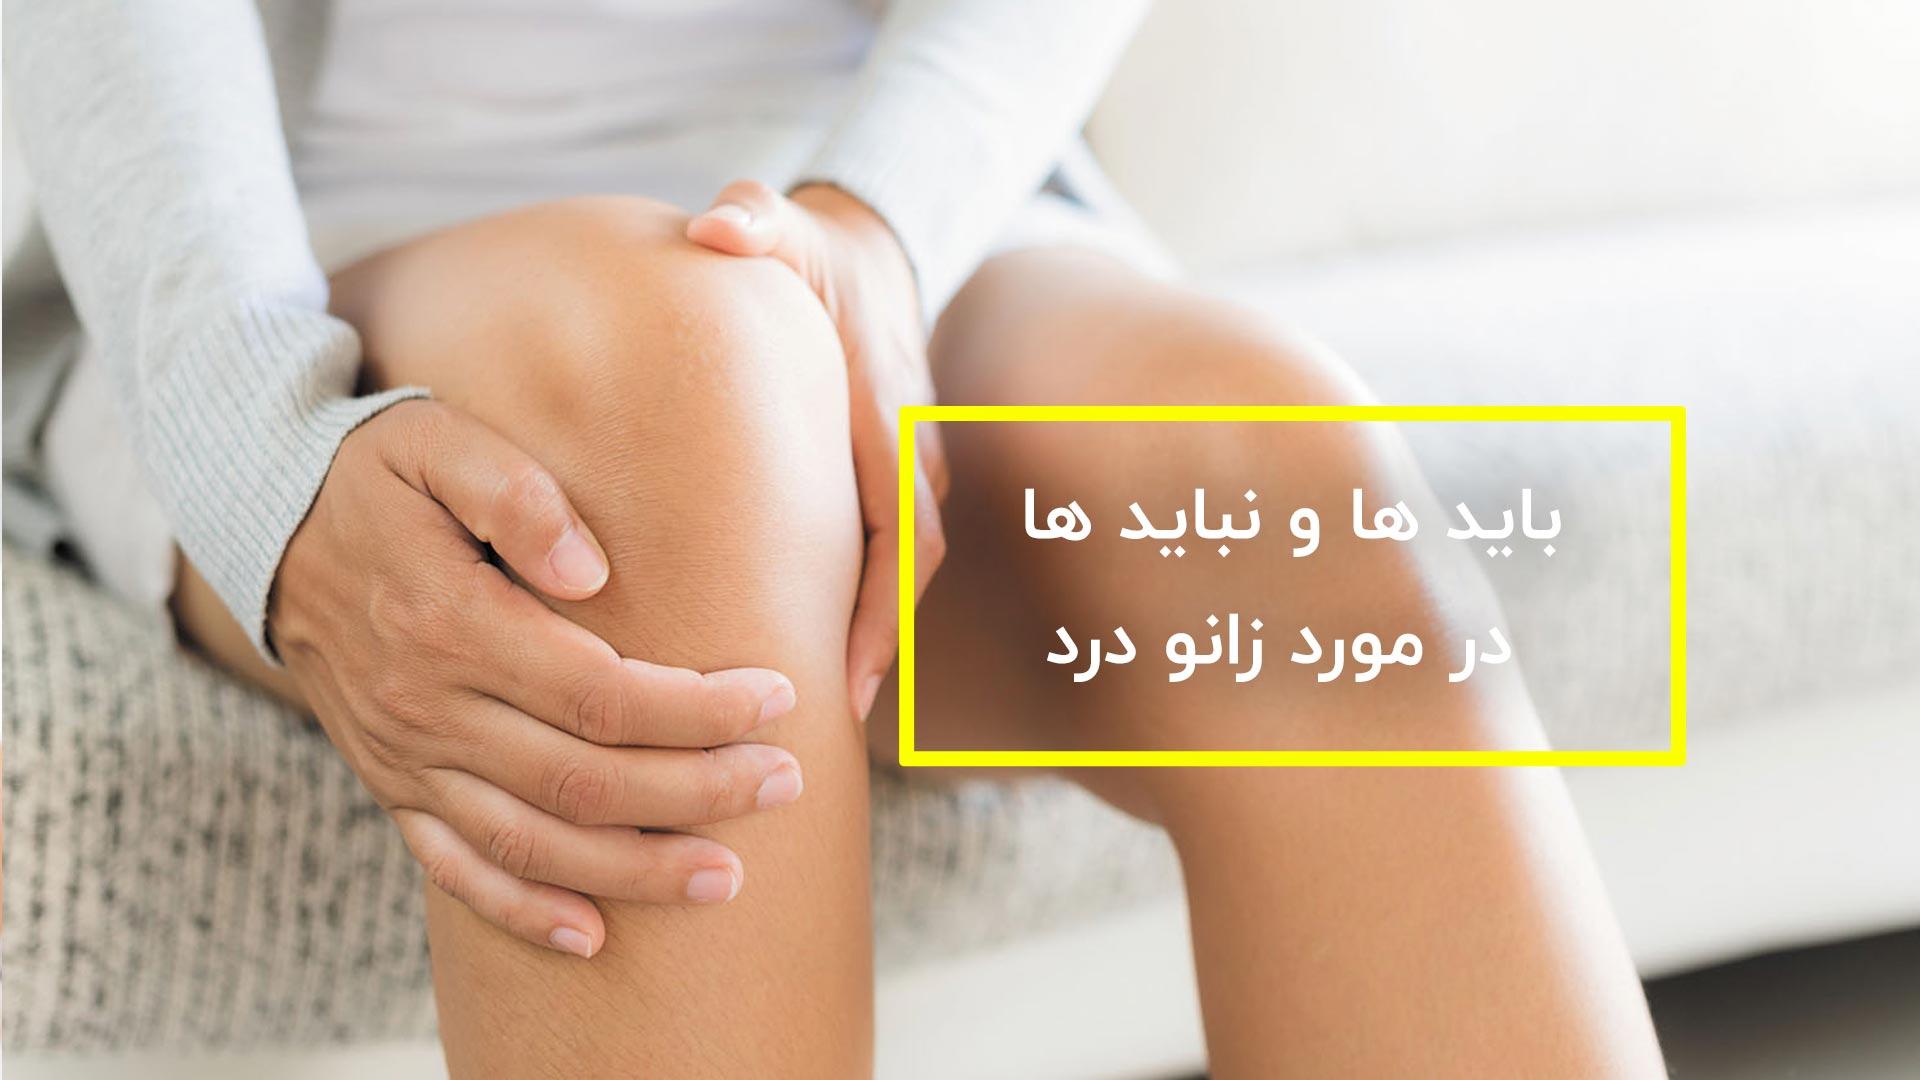 11 باید و نباید در مورد زانو درد